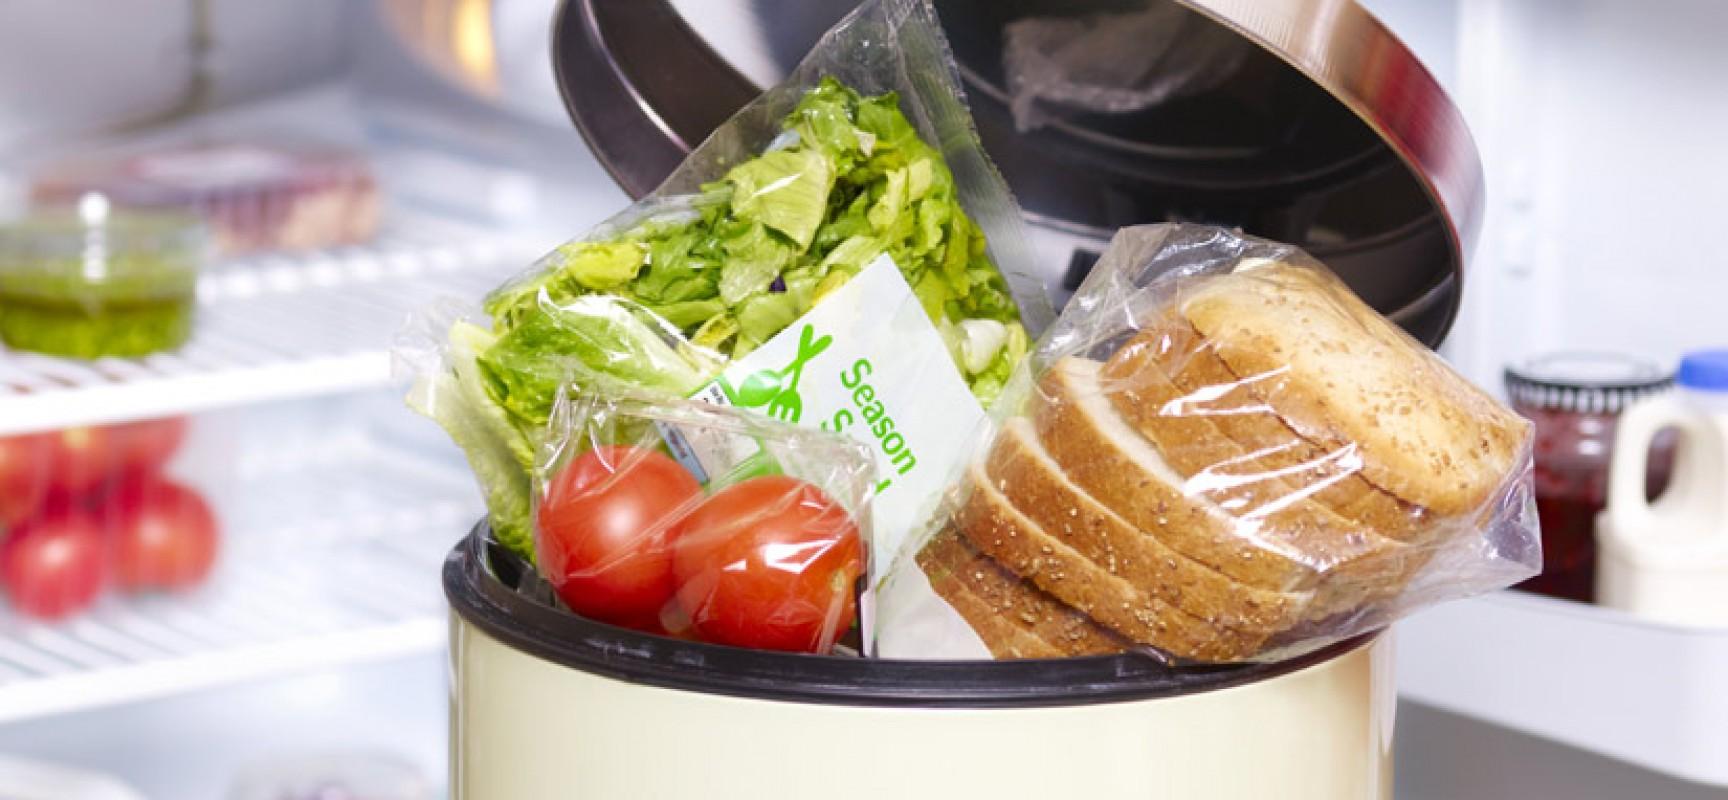 Alimentari: meno spreco alimentare, meno tasse da pagare